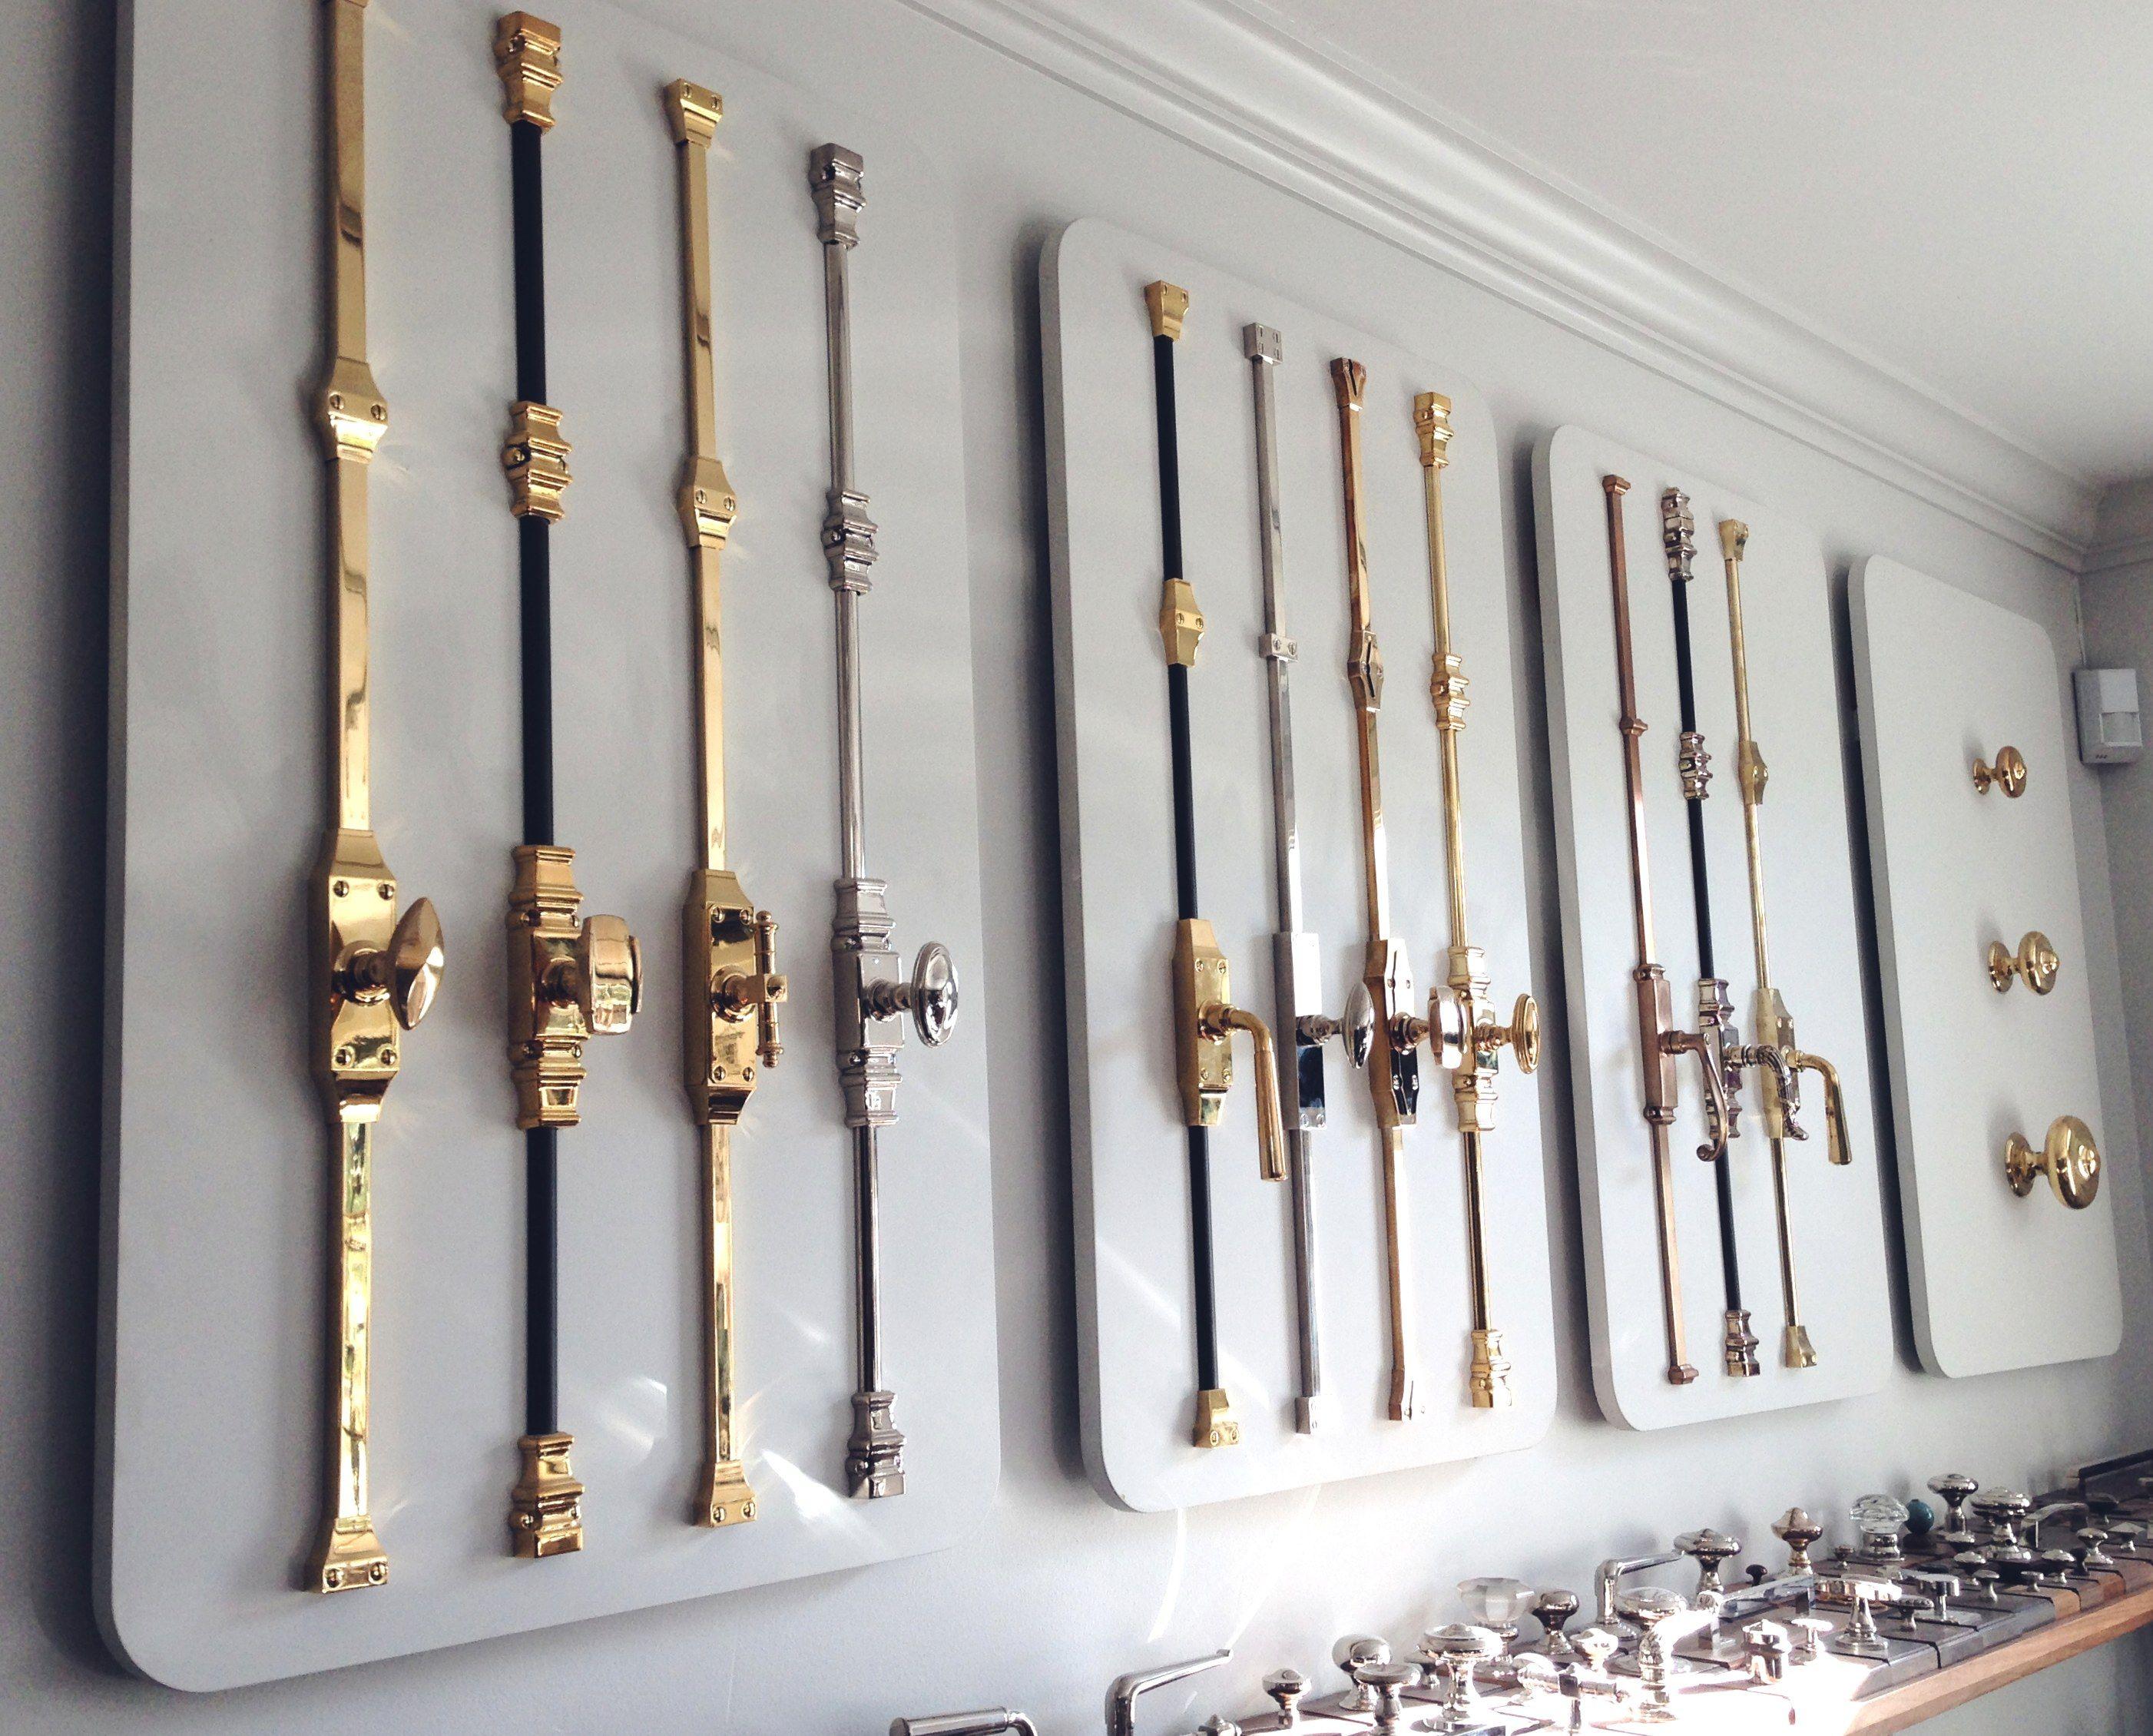 Attractive Cremone Bolt For Cabinets Decor The Fine Architectural Hardware Blog